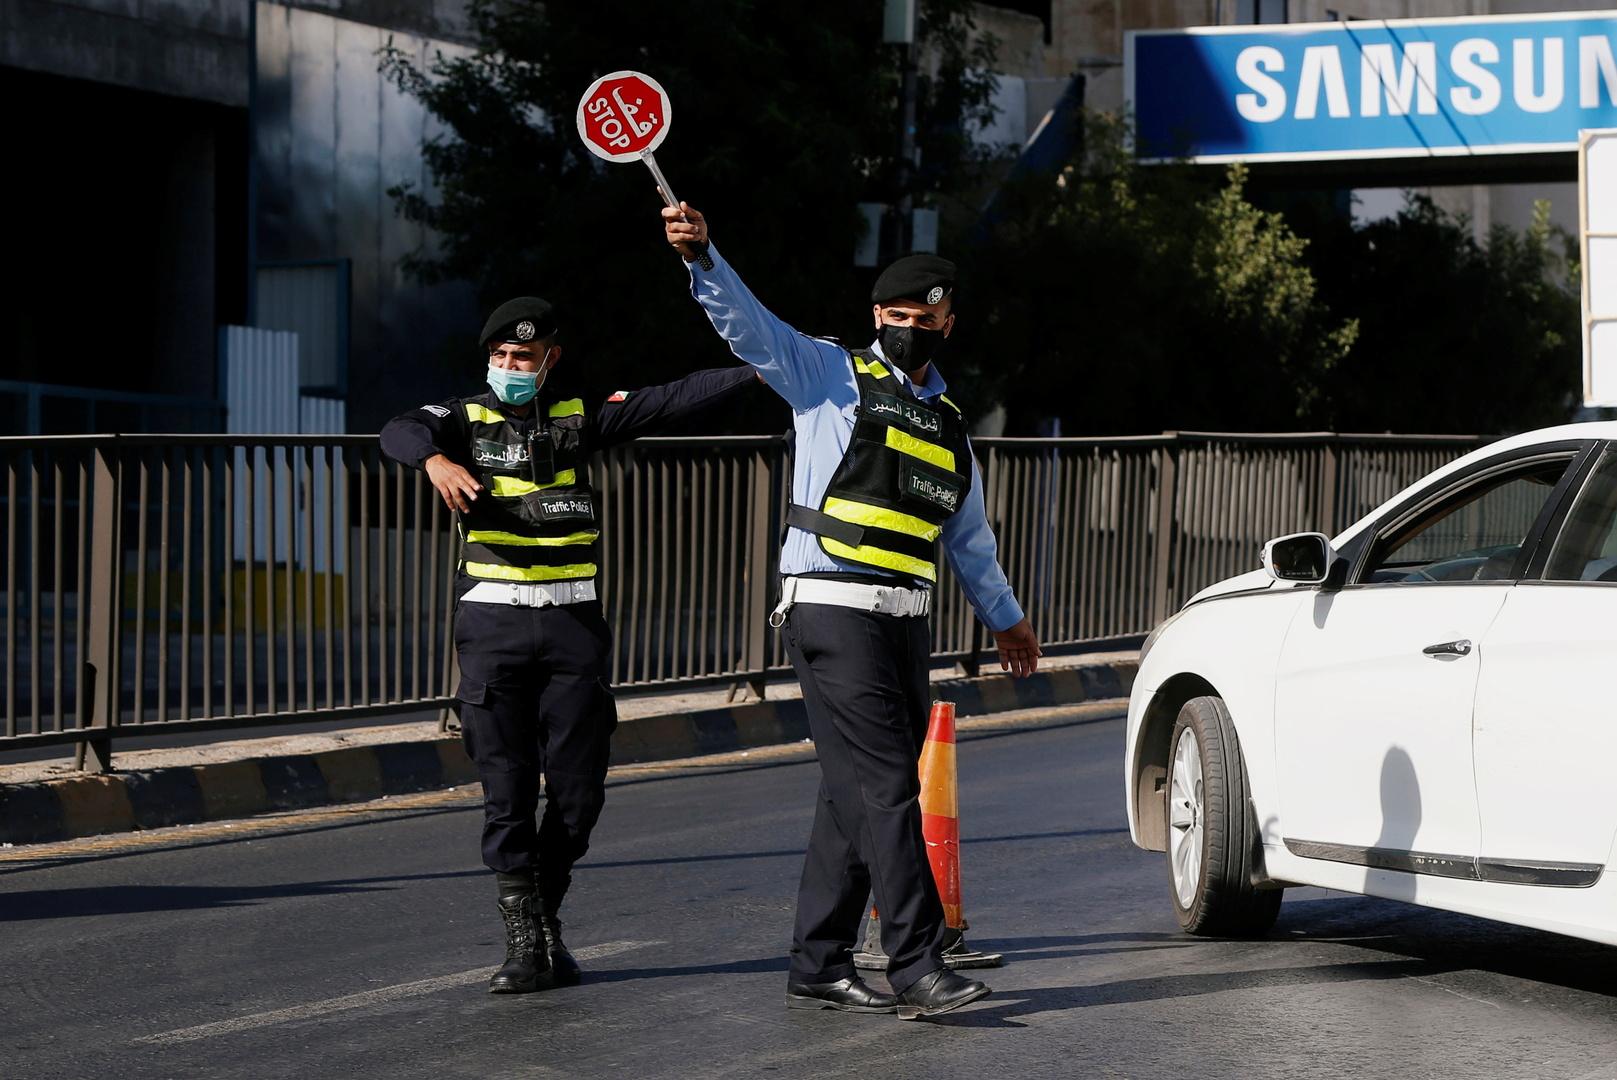 الحكومة الأردنية توضح سبب اختيار الجمعة للحظر الشامل